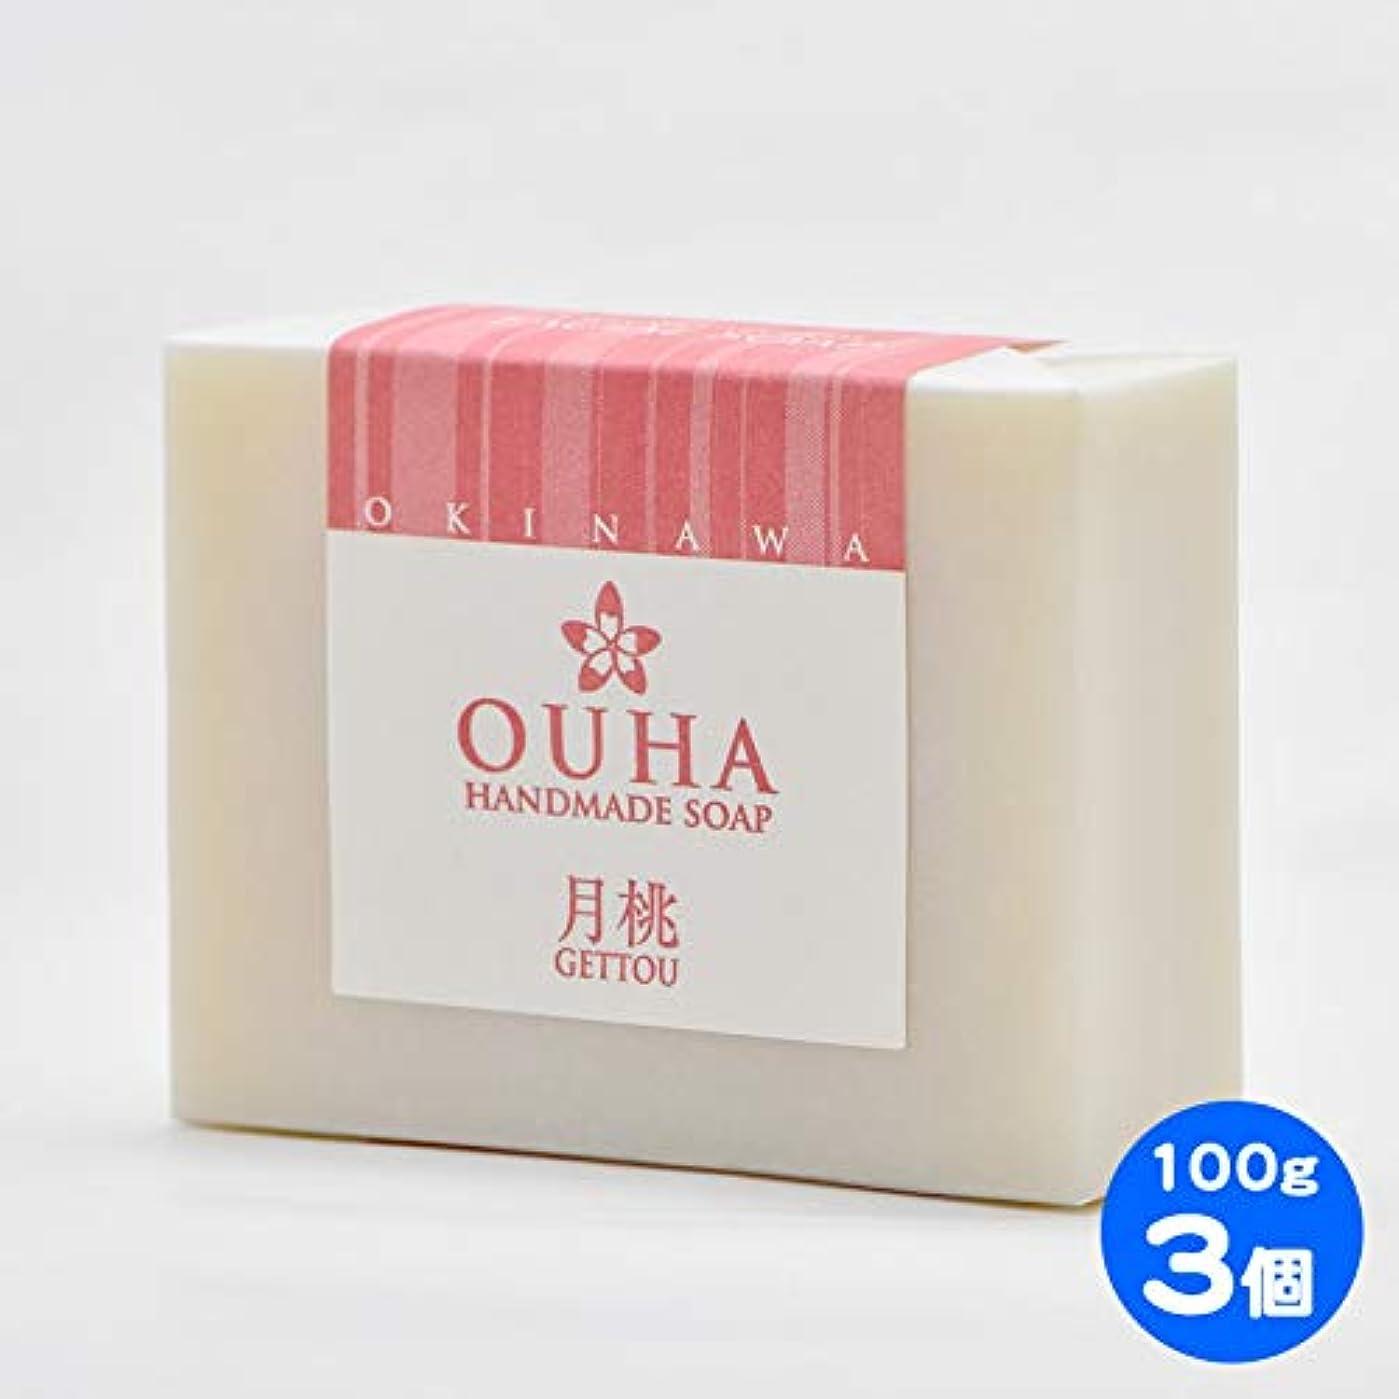 デモンストレーションキャップ差別的【送料無料 レターパックライト】沖縄県産 OUHAソープ 月桃 石鹸 100g 3個セット